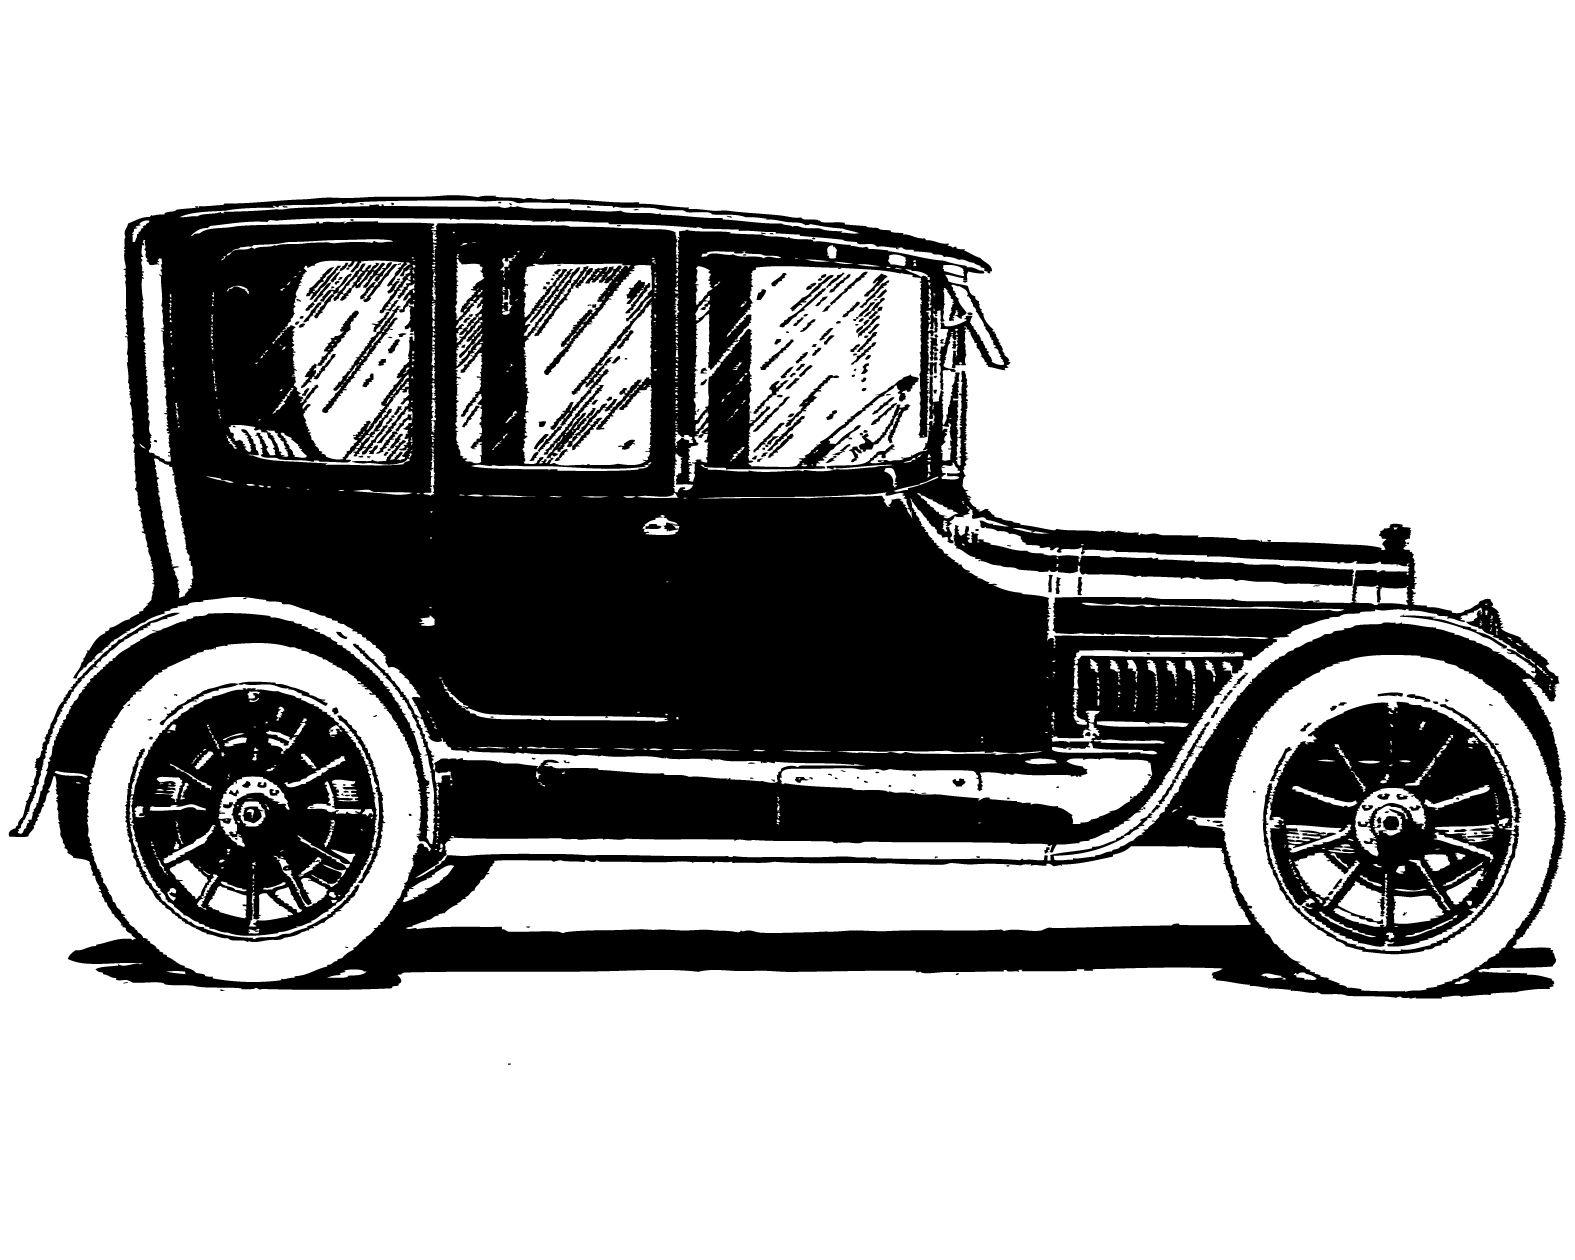 Car clipart vintage, Car vintage Transparent FREE for.